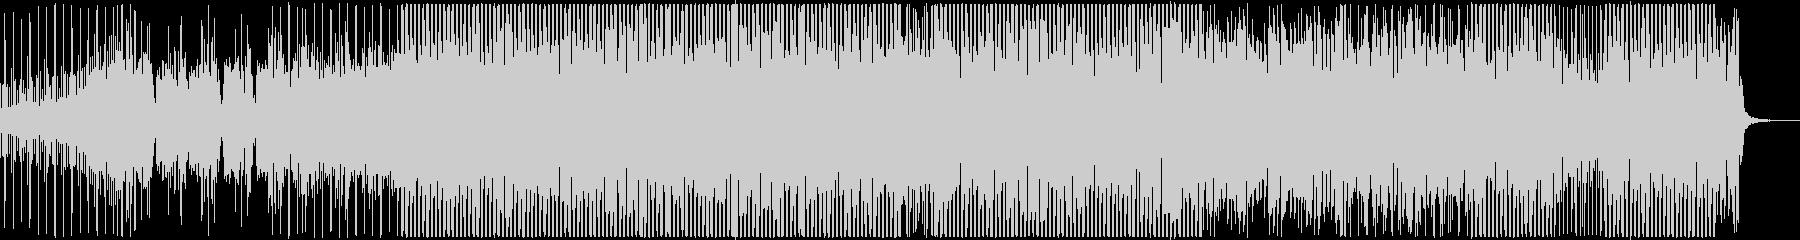 【歌】和楽器使用女性英詩ボーカルポップスの未再生の波形